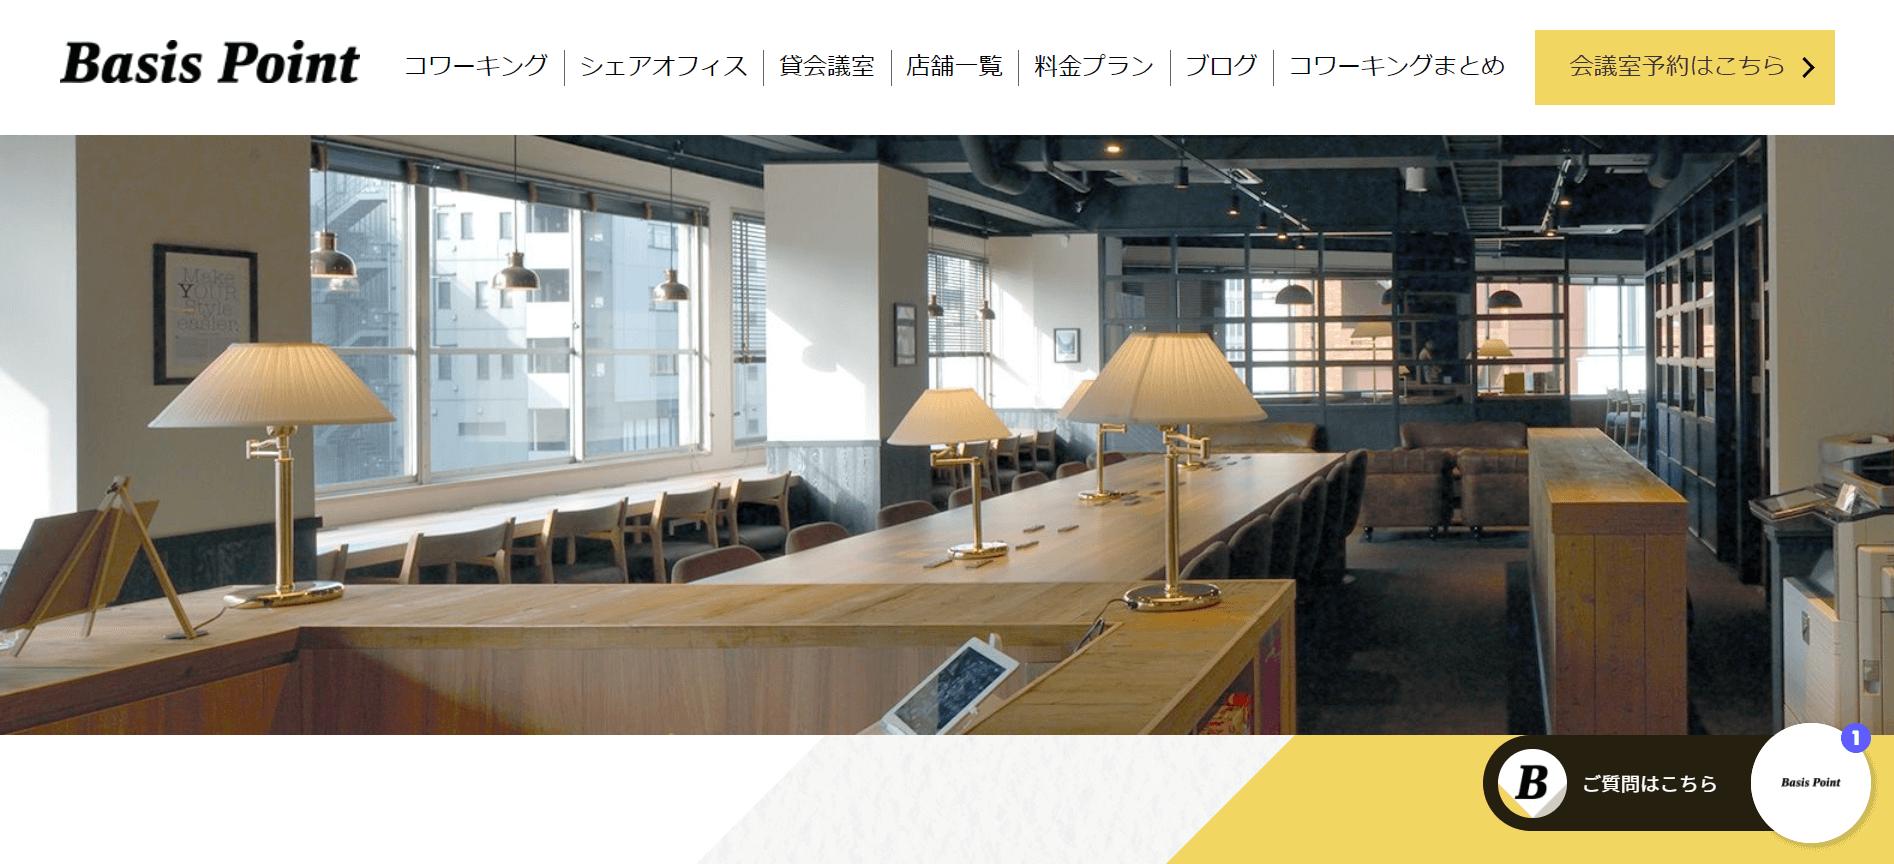 千代田区のおすすめコワーキングスペース ベイシスポイント神保町店